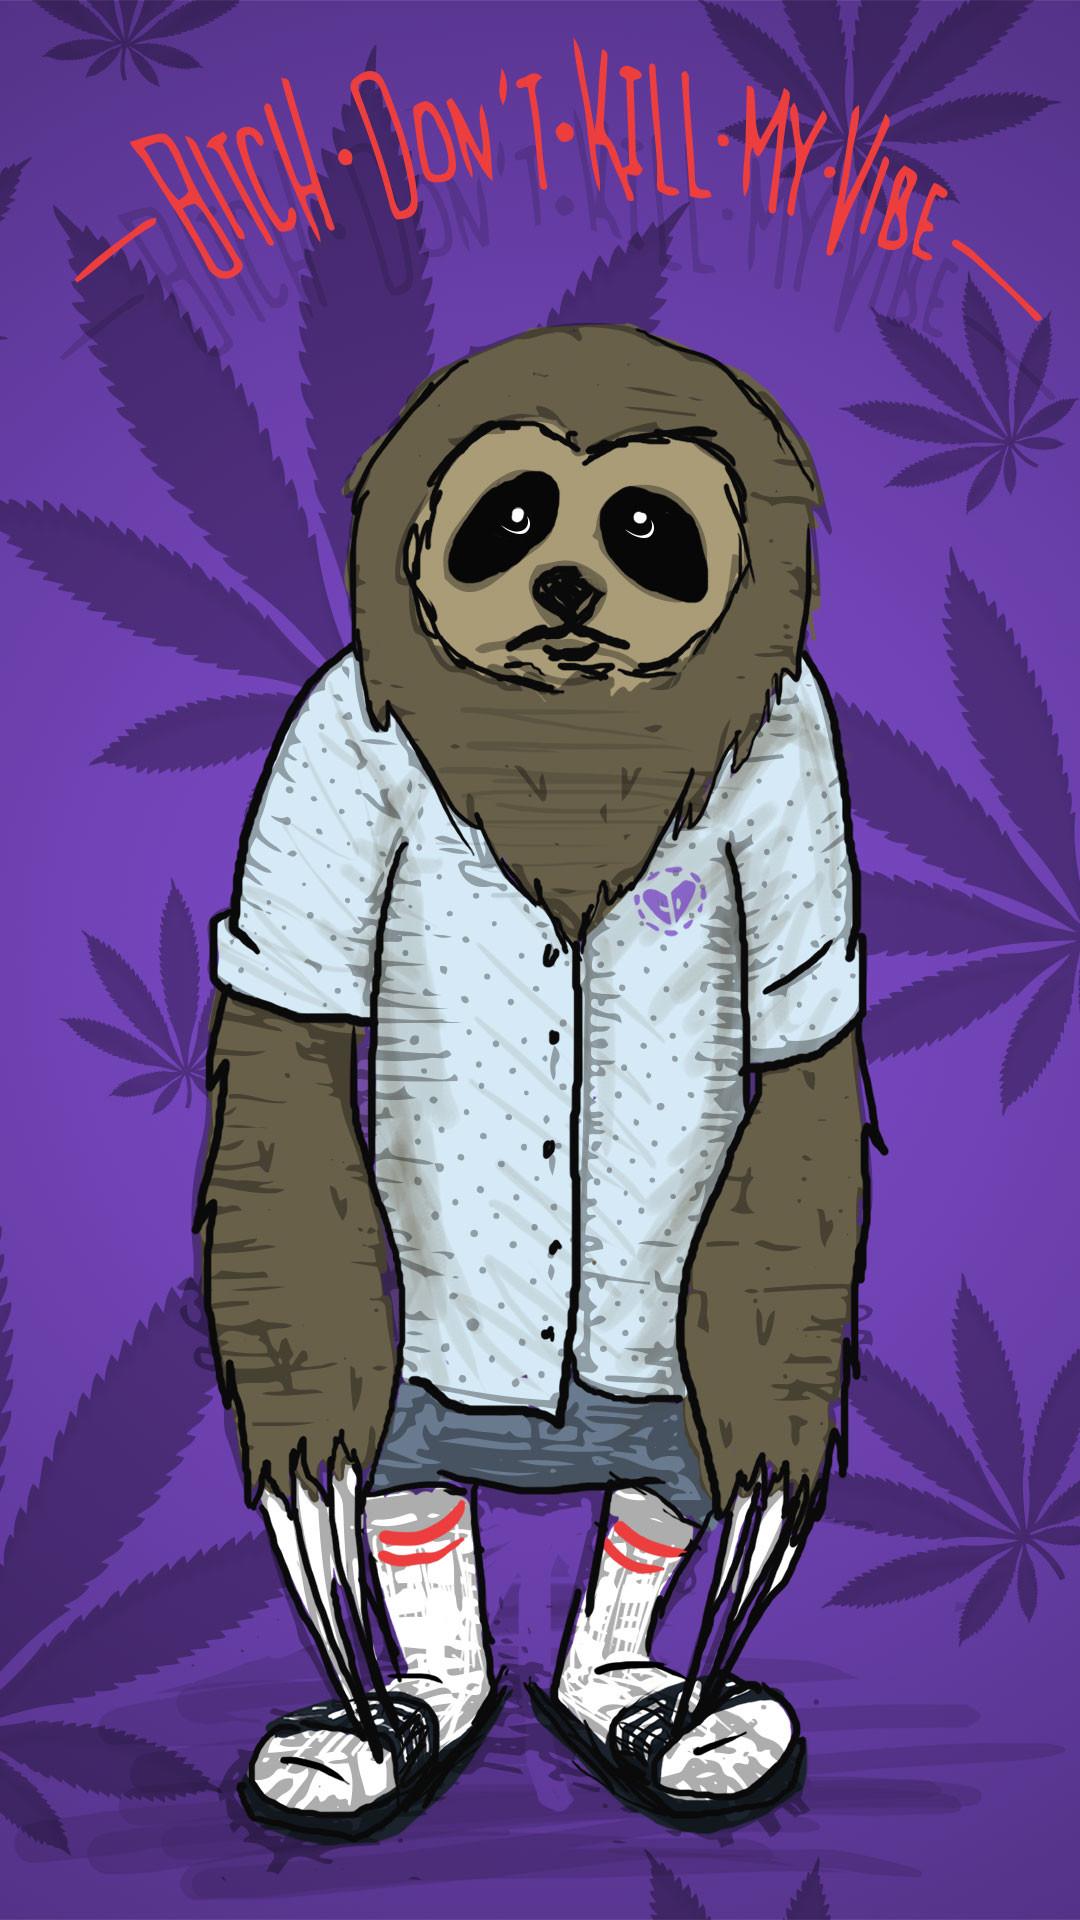 1080x1920 Stoner Sloth Mobile Wallpaper